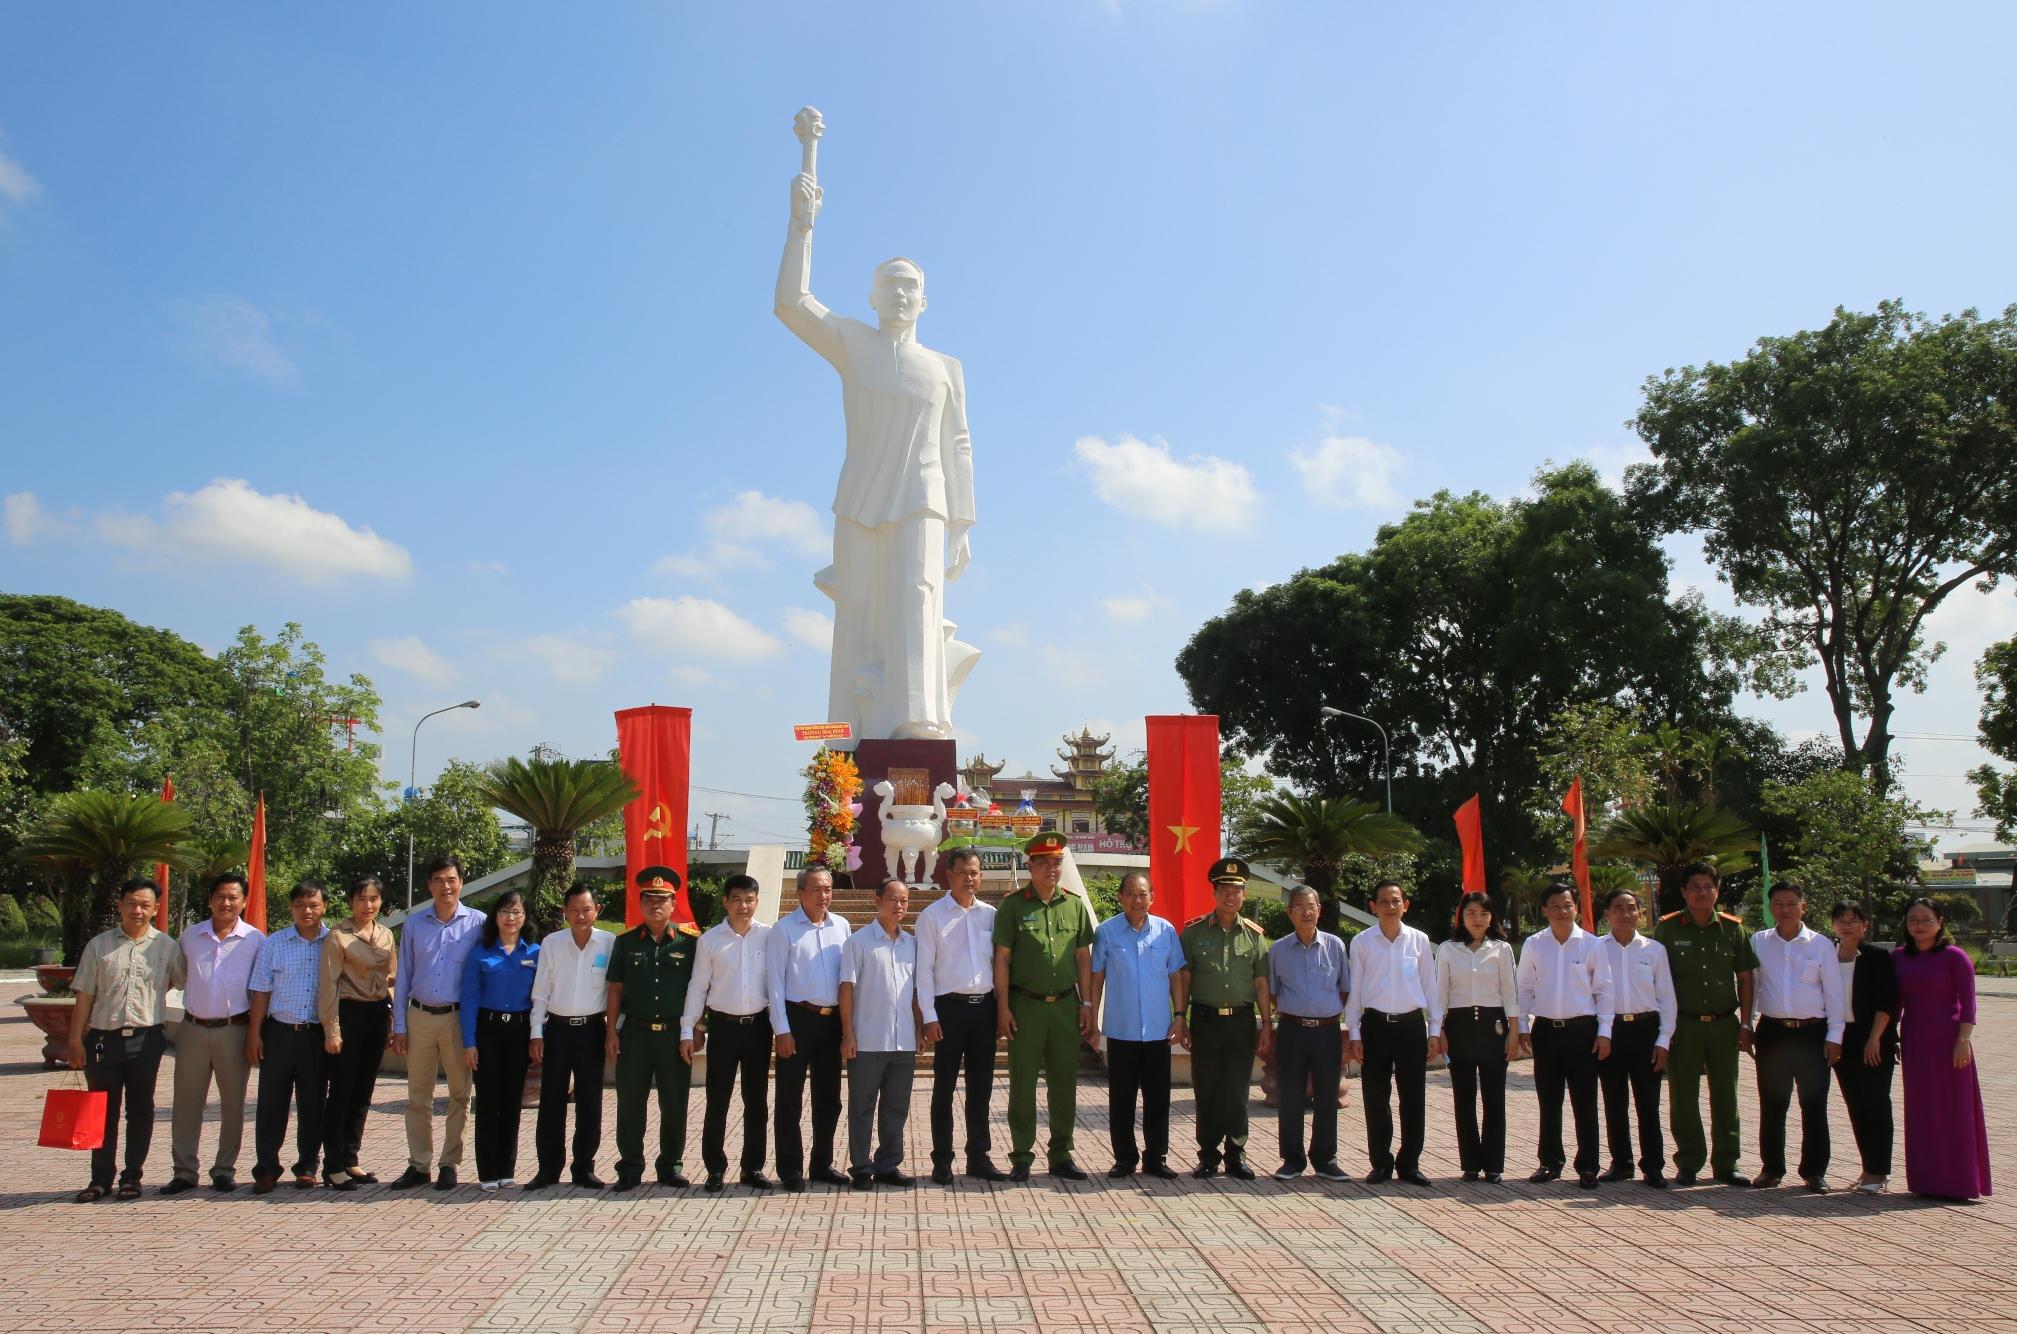 Phó Thủ tướng Thường trực thắp hương tại Khu Di tích lịch sử Cách mạng tỉnh Long An - Ảnh 4.